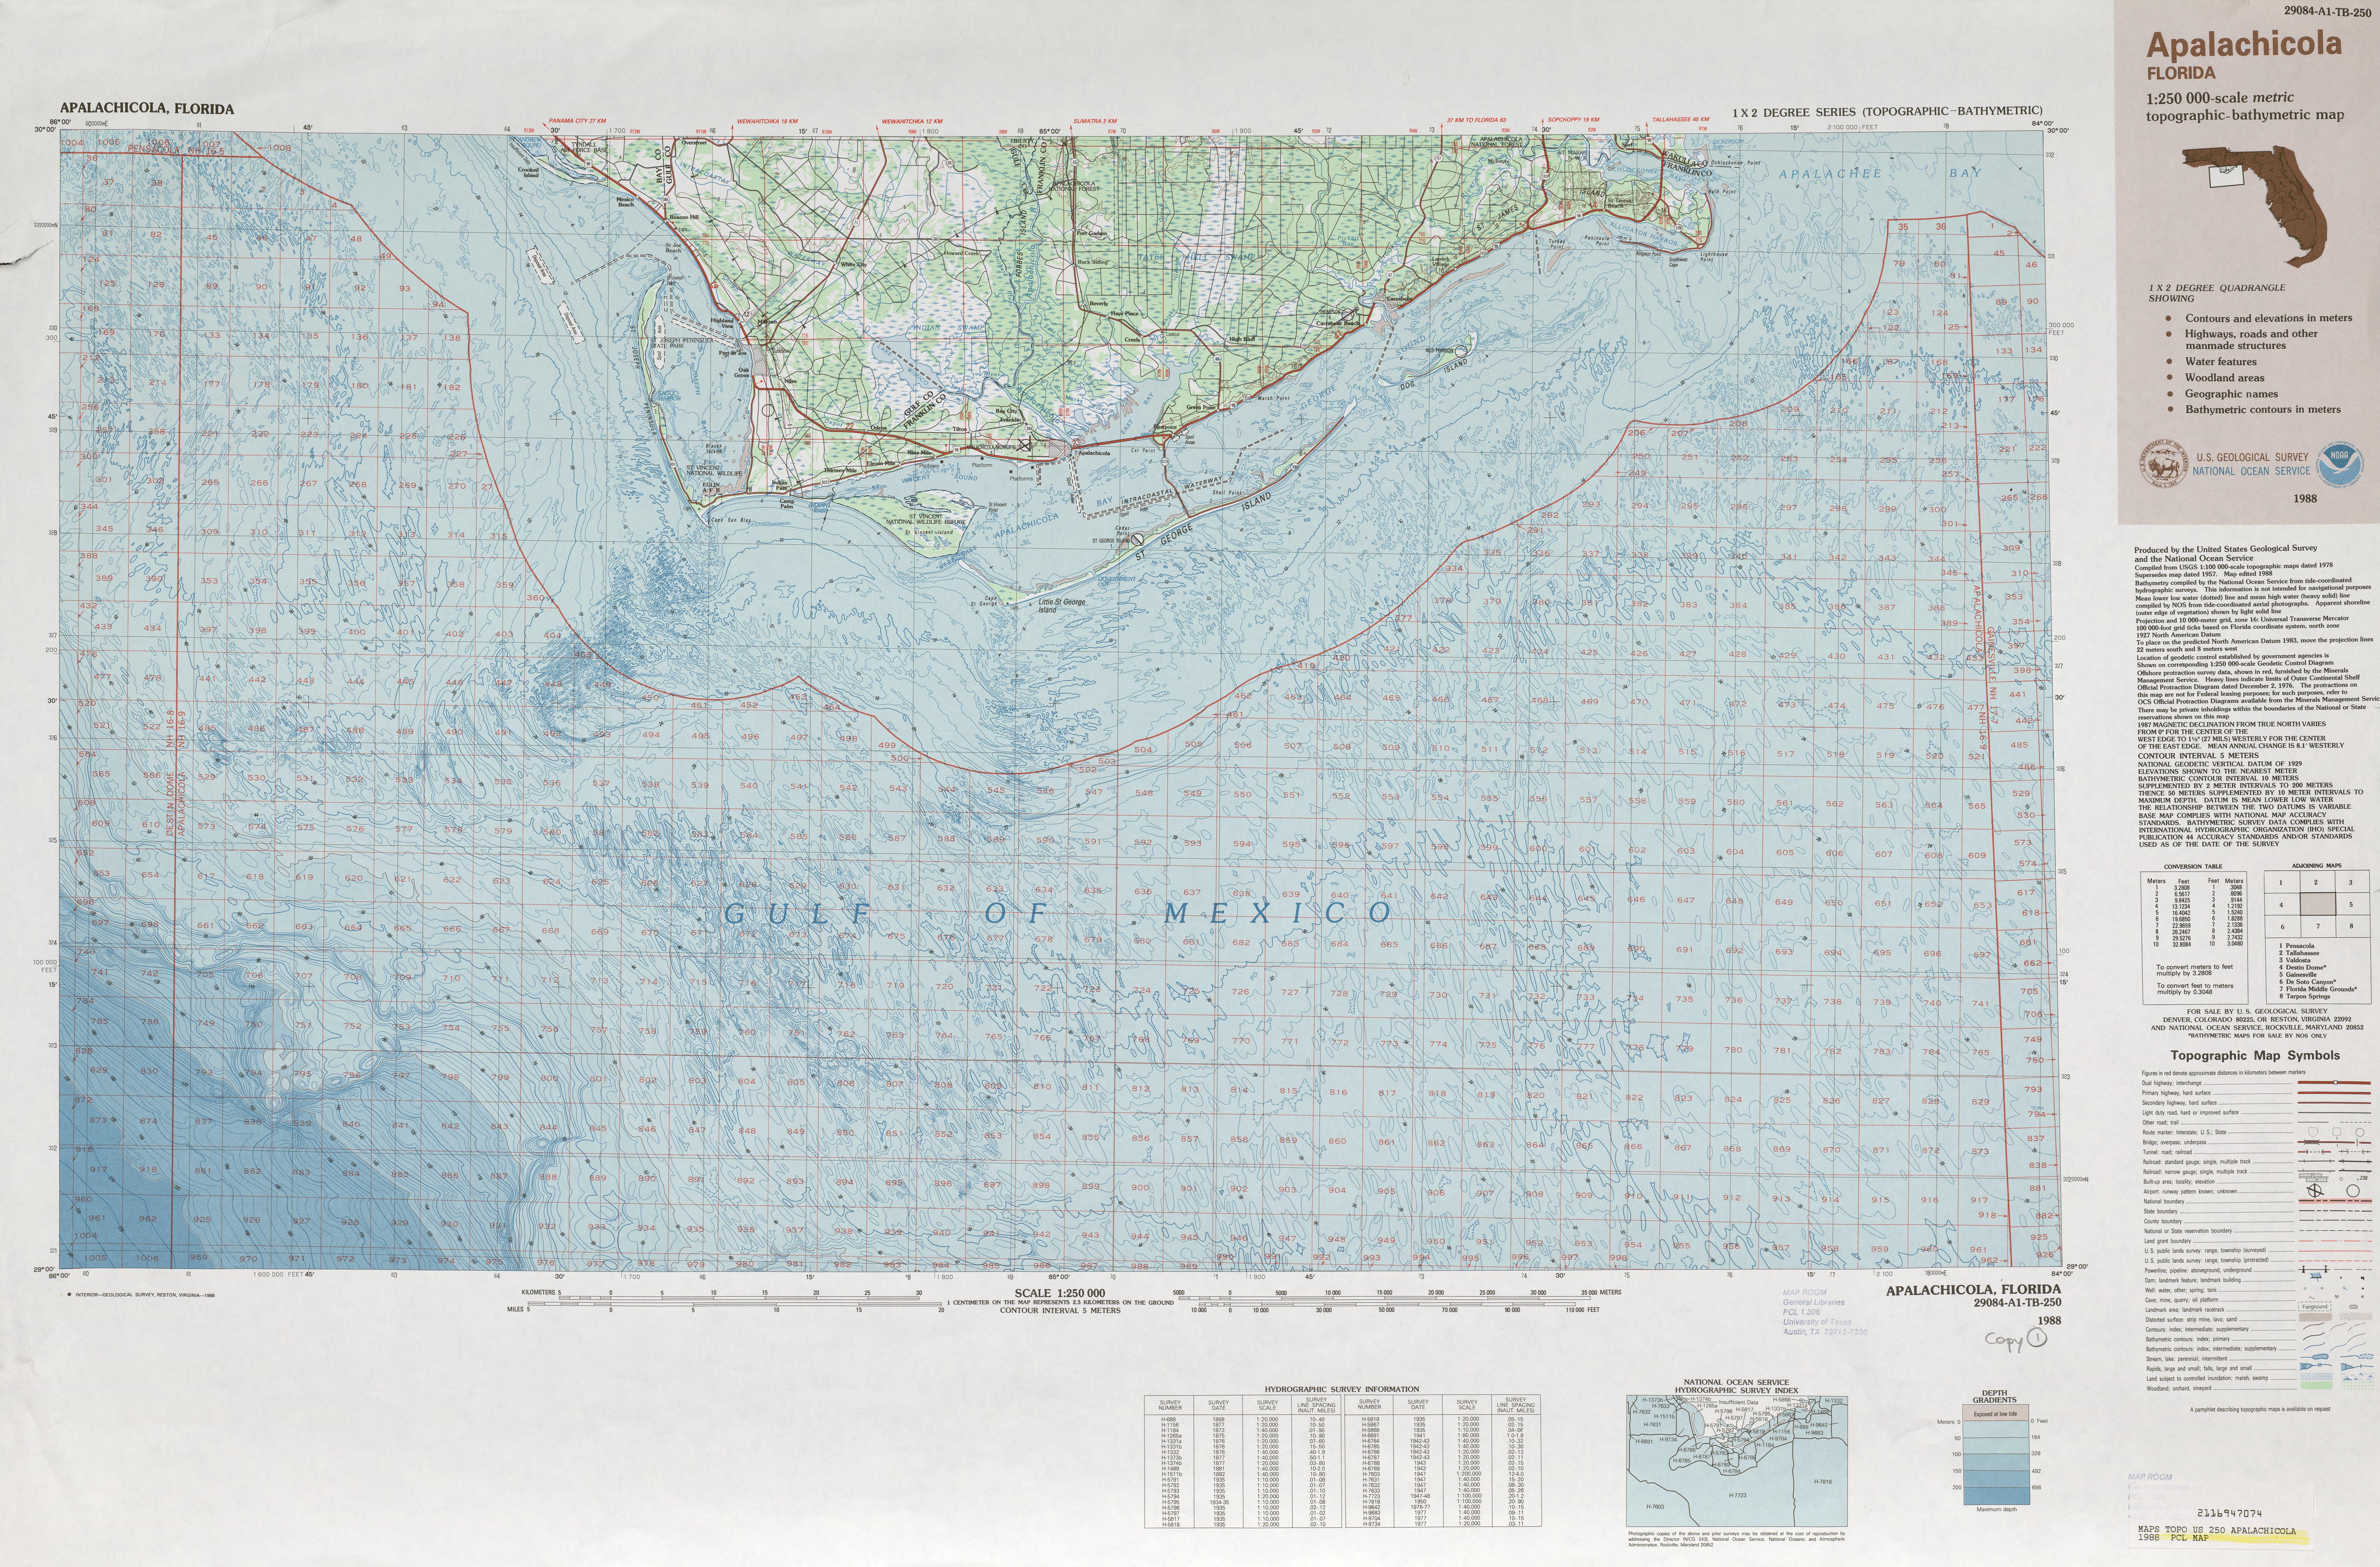 Hoja Apalachicola Mapa Topográfico de-Batimétrico, Estados Unidos 1988